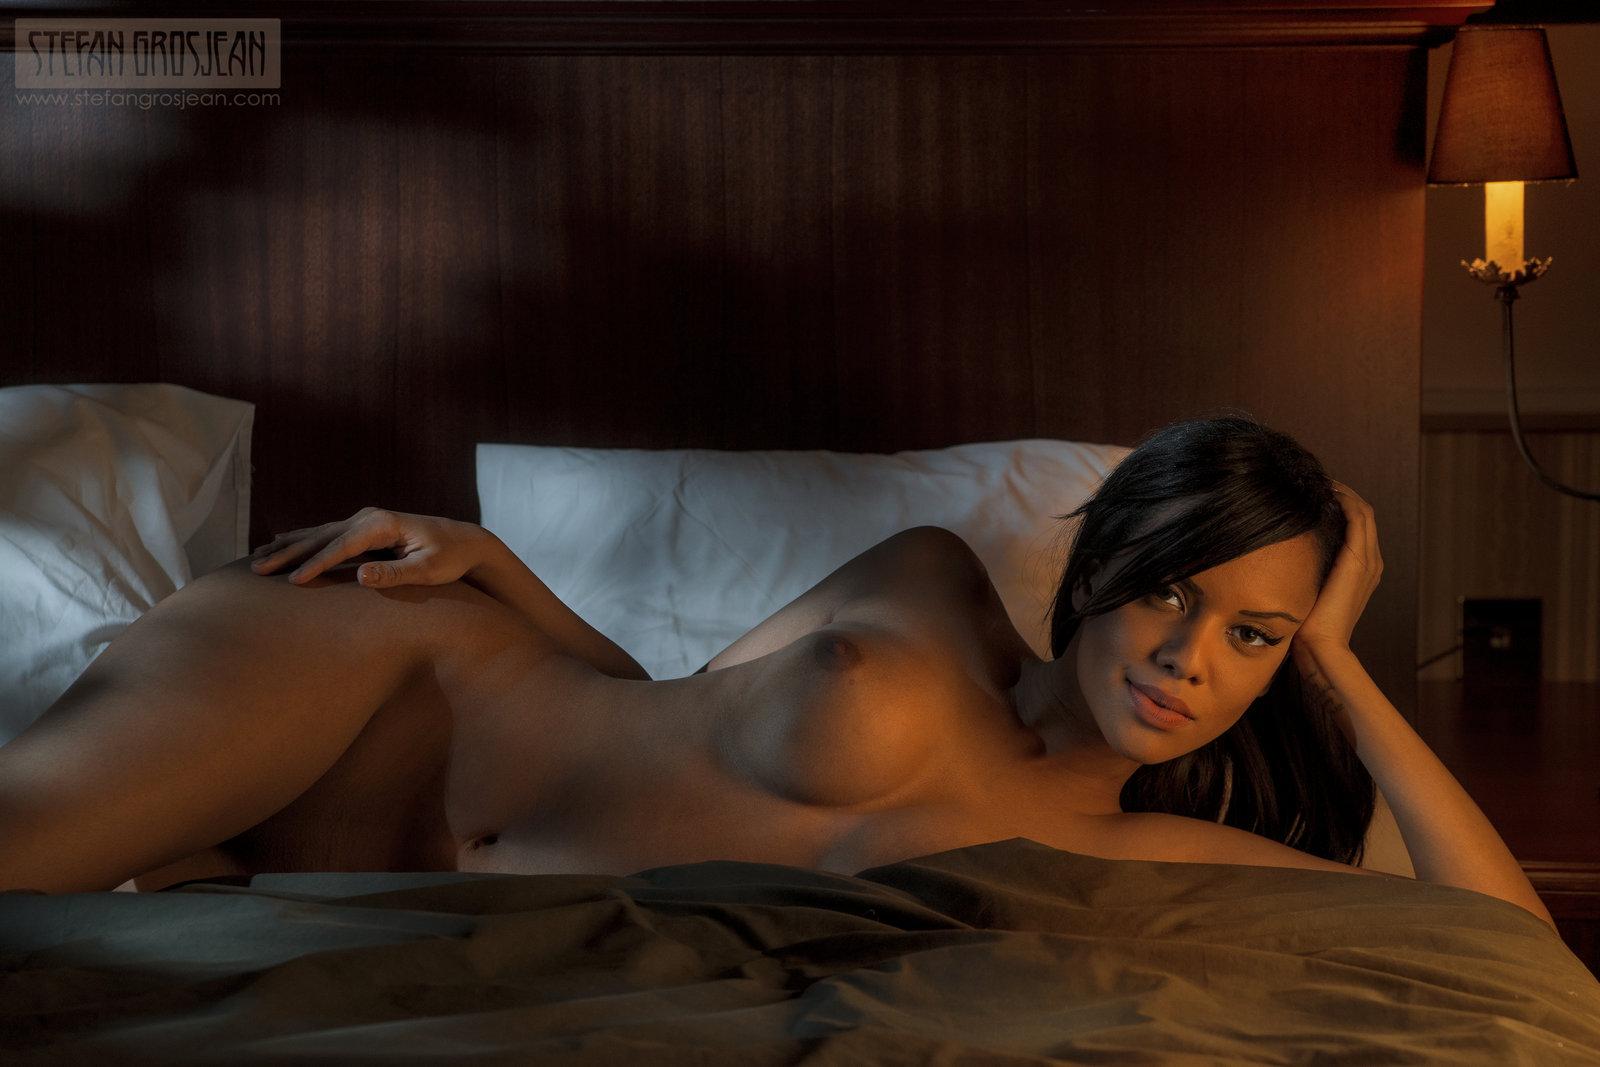 eroticheskimi-yuzhnimi-foto